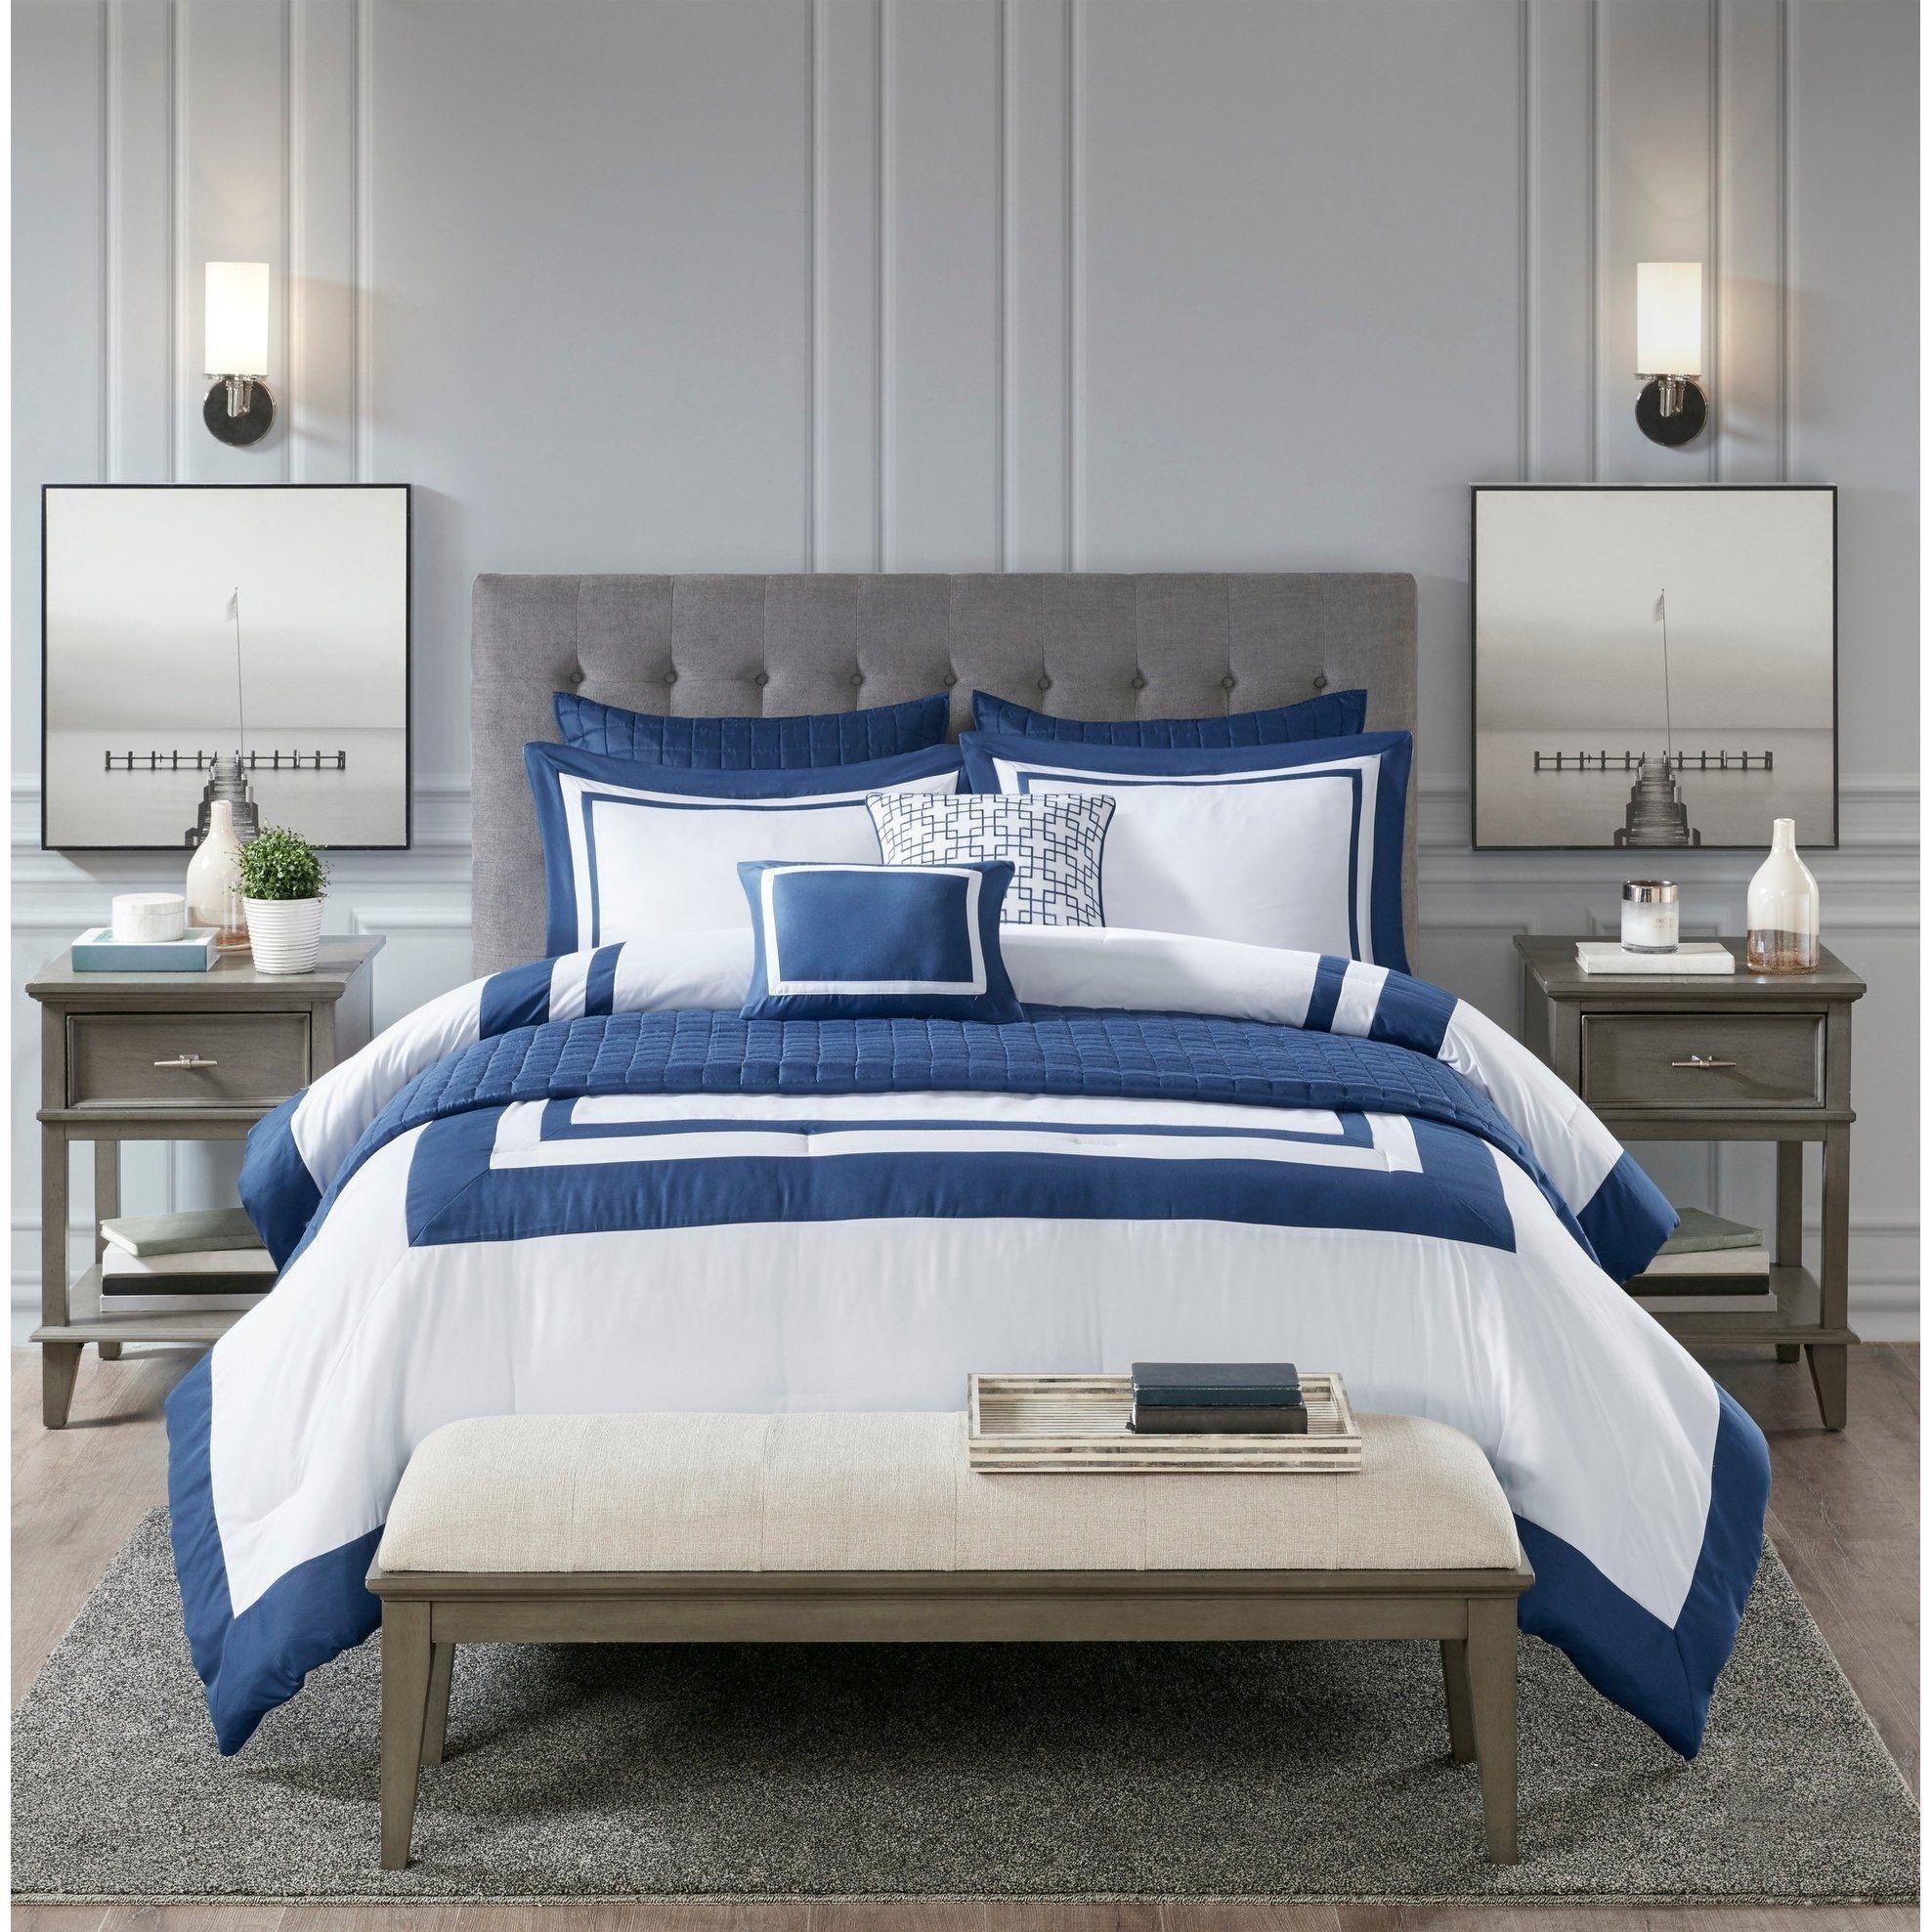 Madison Park Lexington 8 Piece Comforter And Coverlet Set